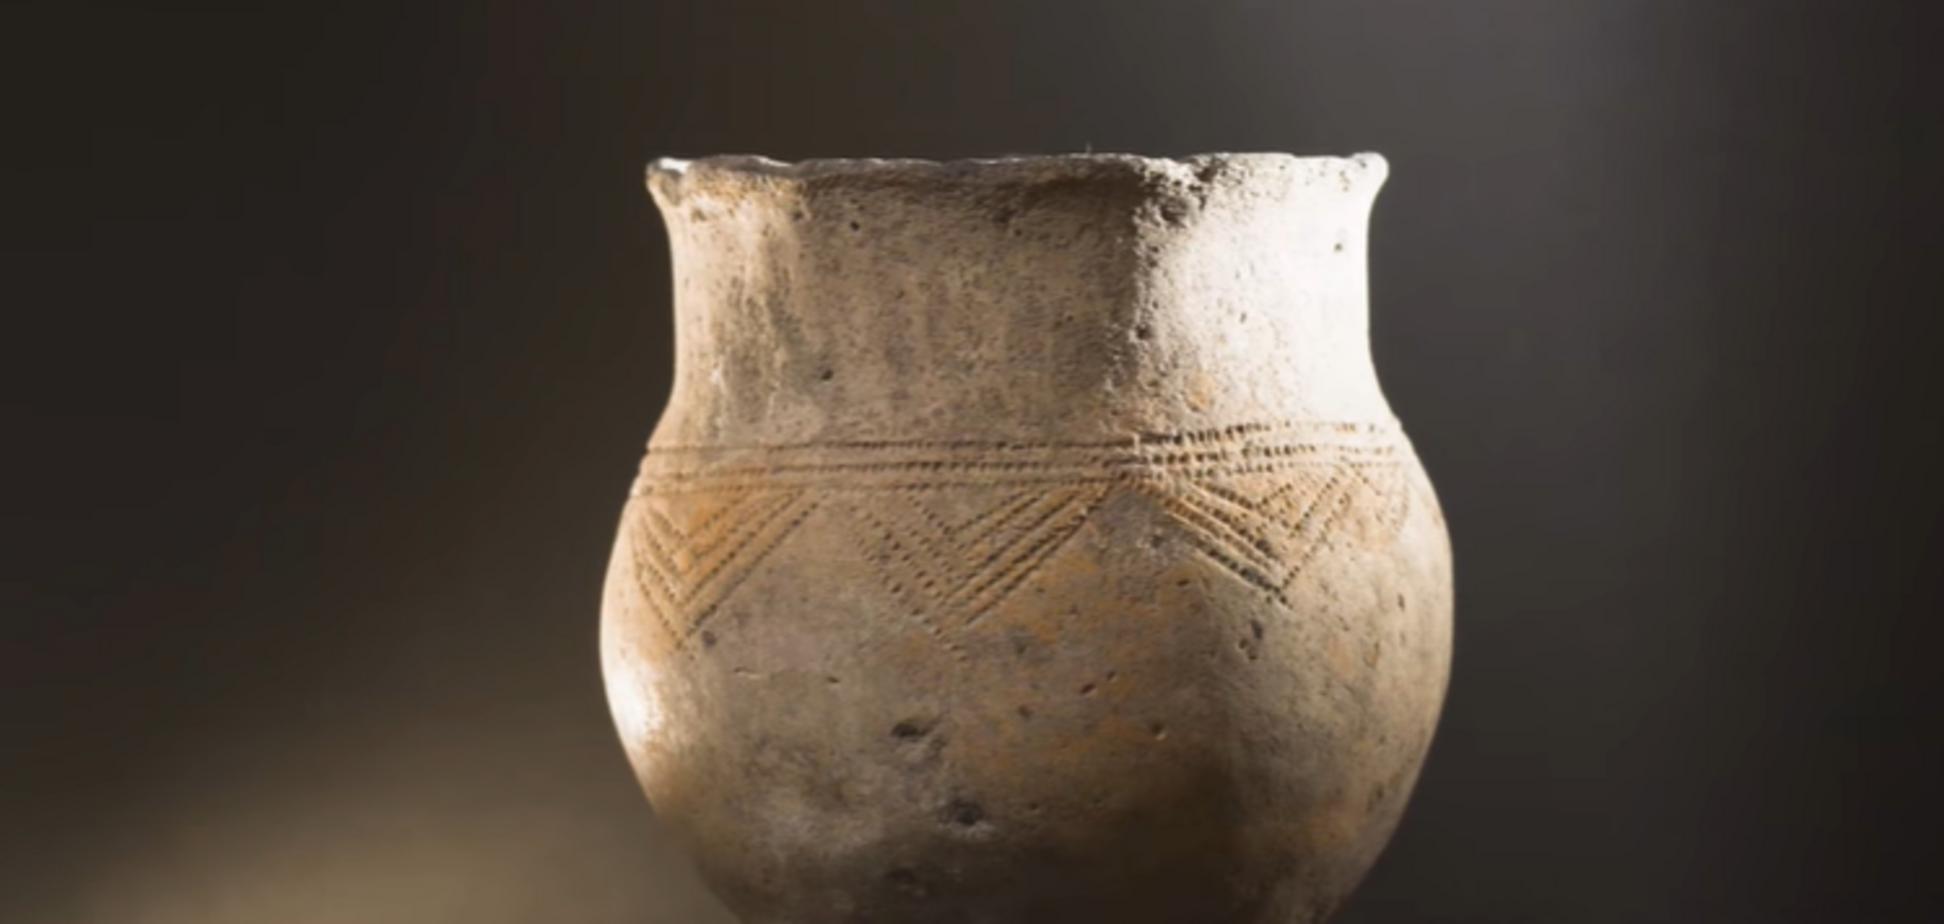 На дорогах 'Великого будівництва' знайшли кераміку віком понад 7 тисяч років. Відео